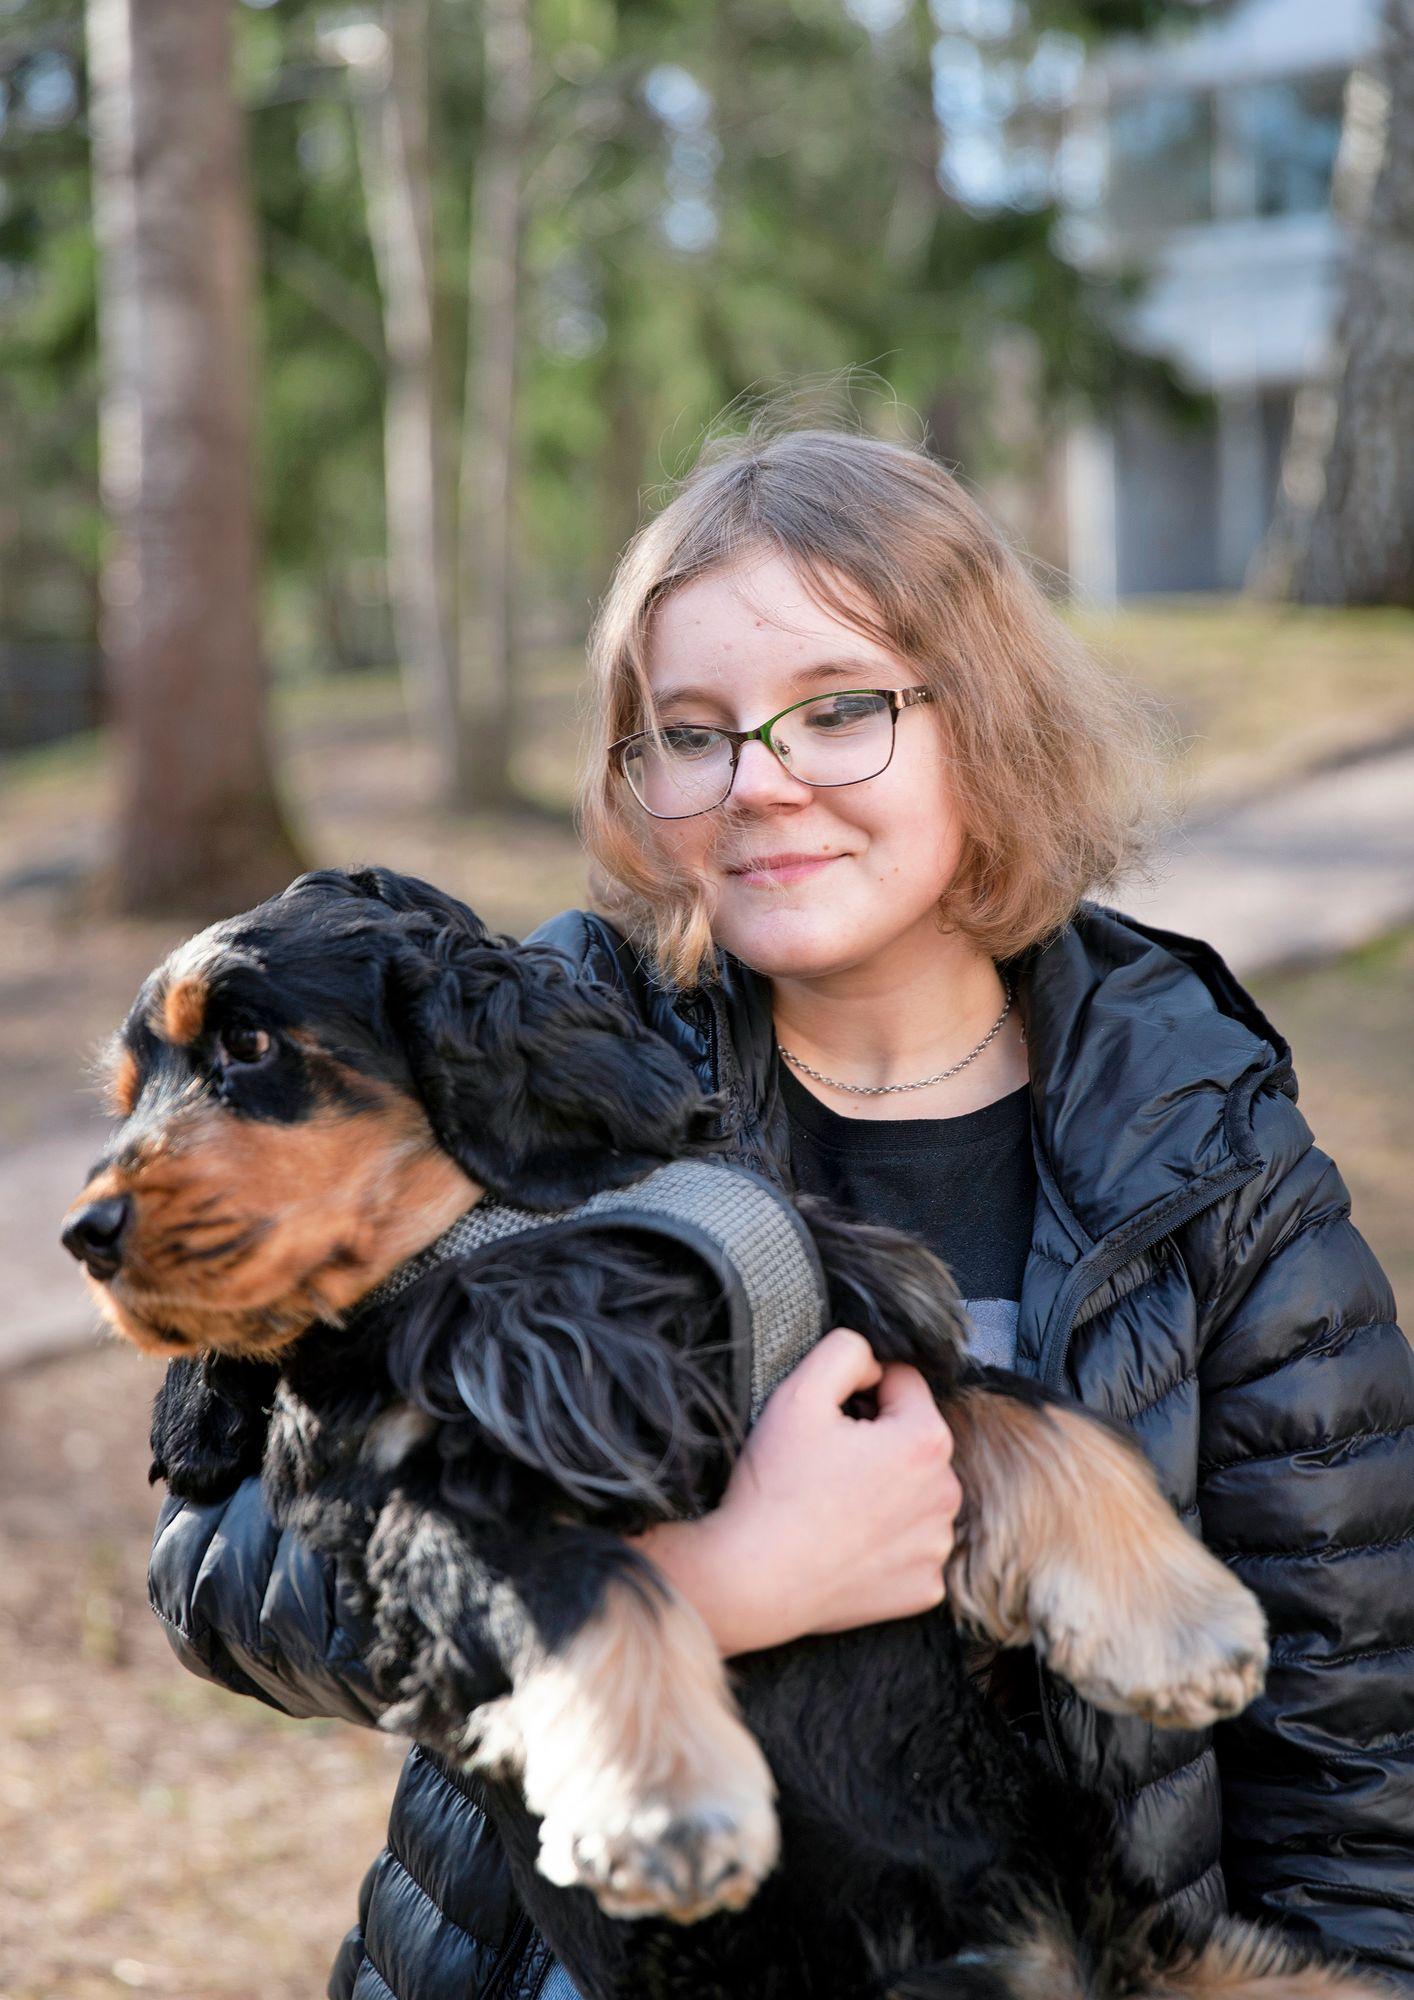 Benin hoitaminen on Emmistä niin hauskaa, että hän kouluttautui dogsitteriksi, jotta voi hoitaa myös muiden koiria. © Tommi Tuomi